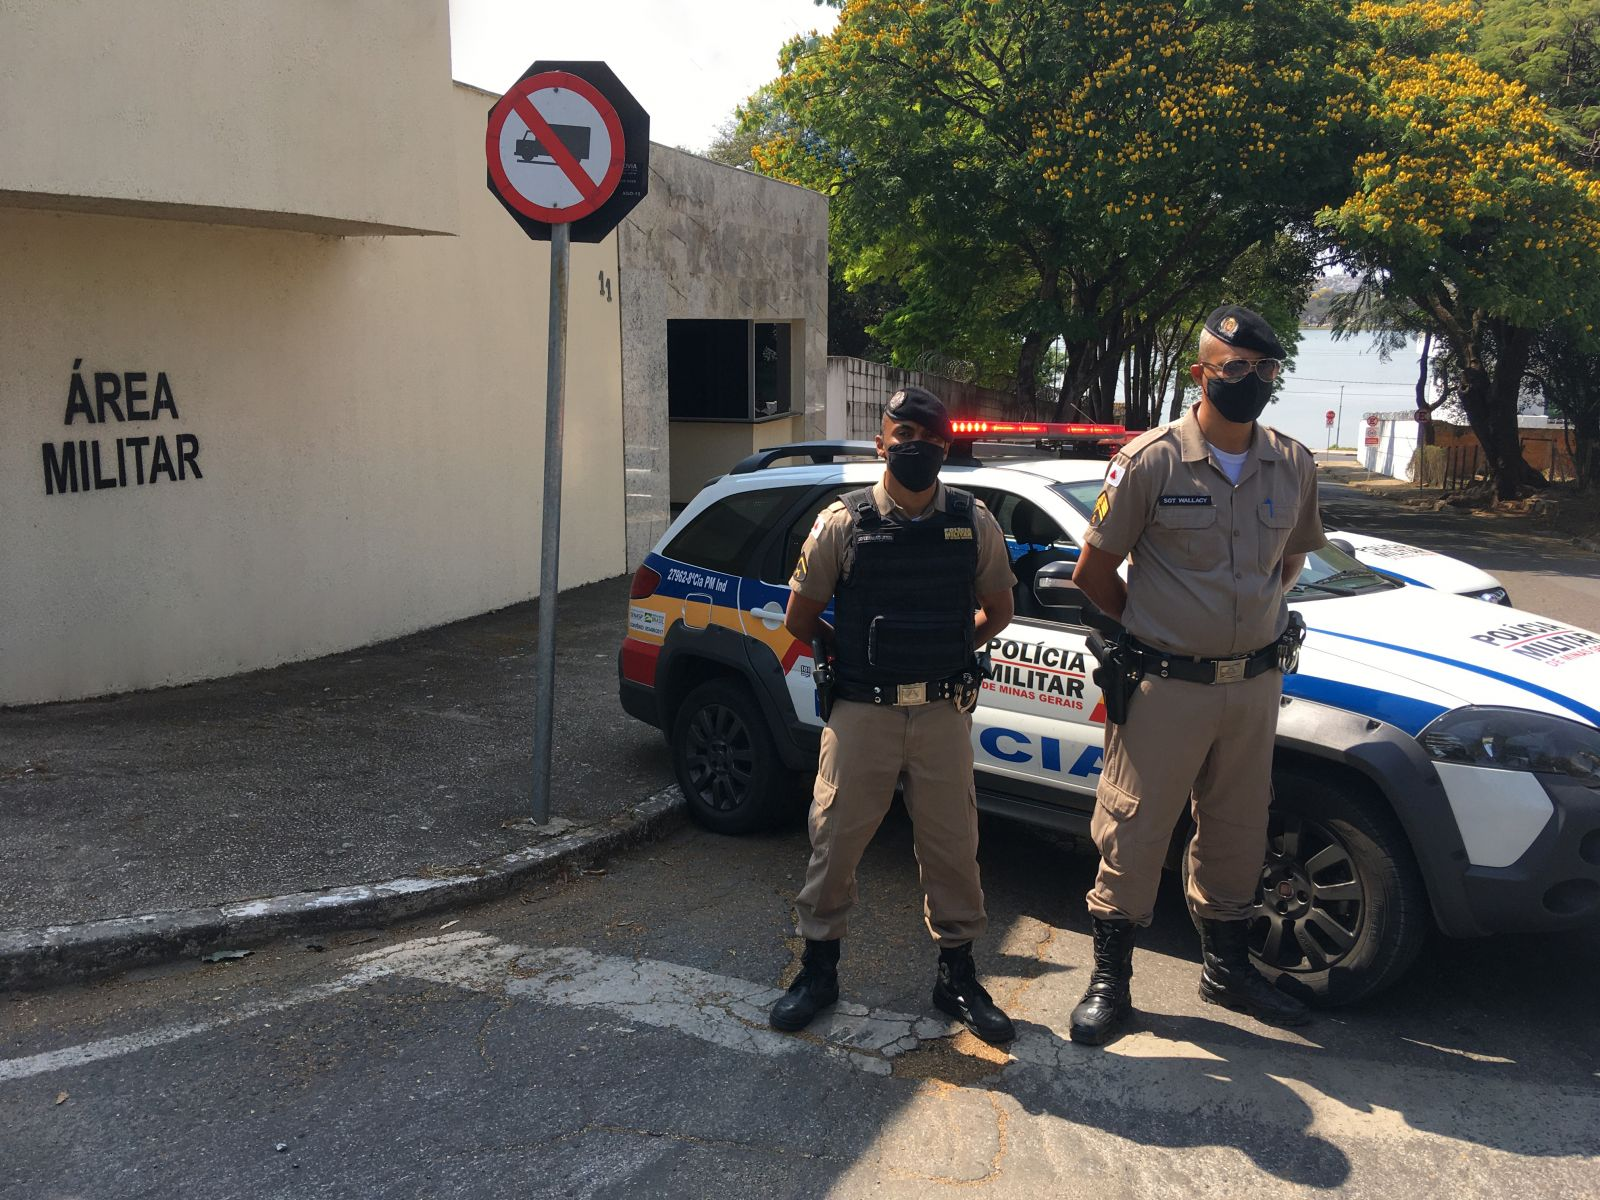 8ª Companhia de Polícia Militar Independente de casa nova!